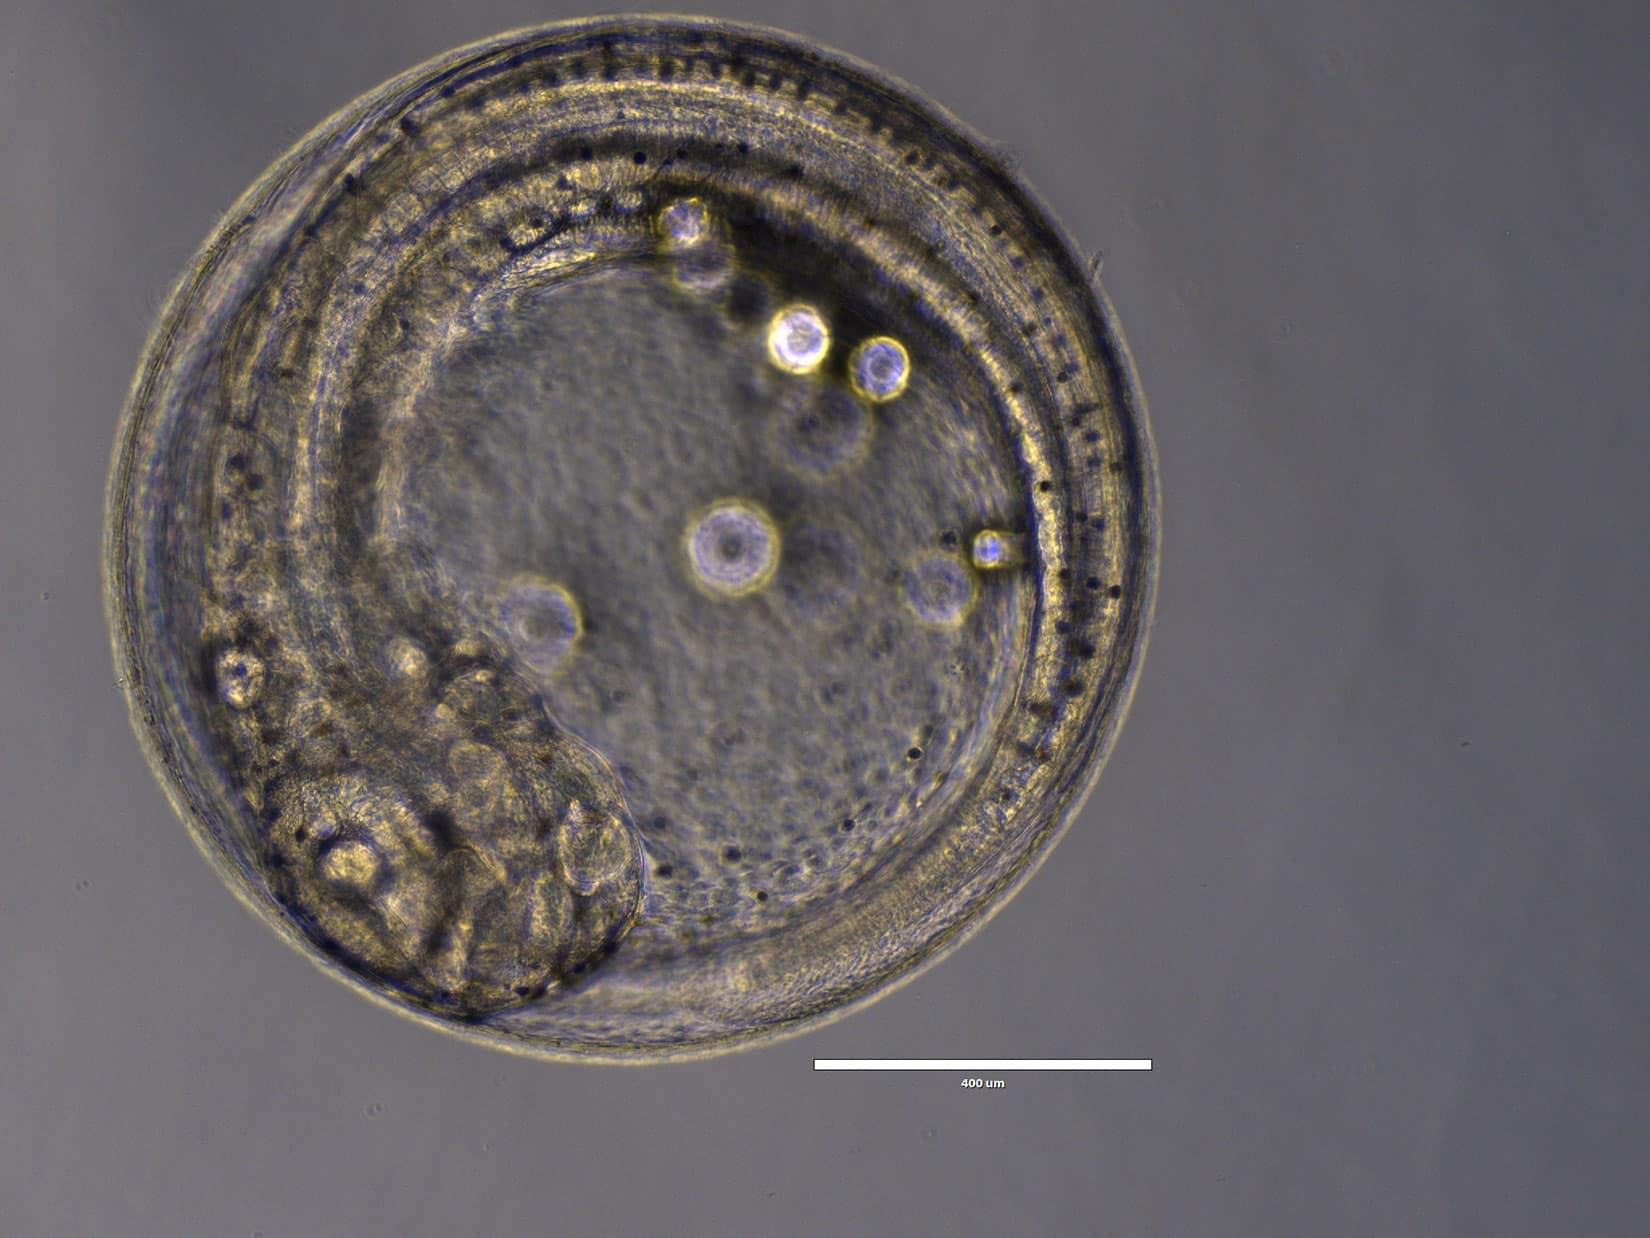 Oeufs de poisson hachette nain (Parapriacanthus ransonneti) - © Océanopolis